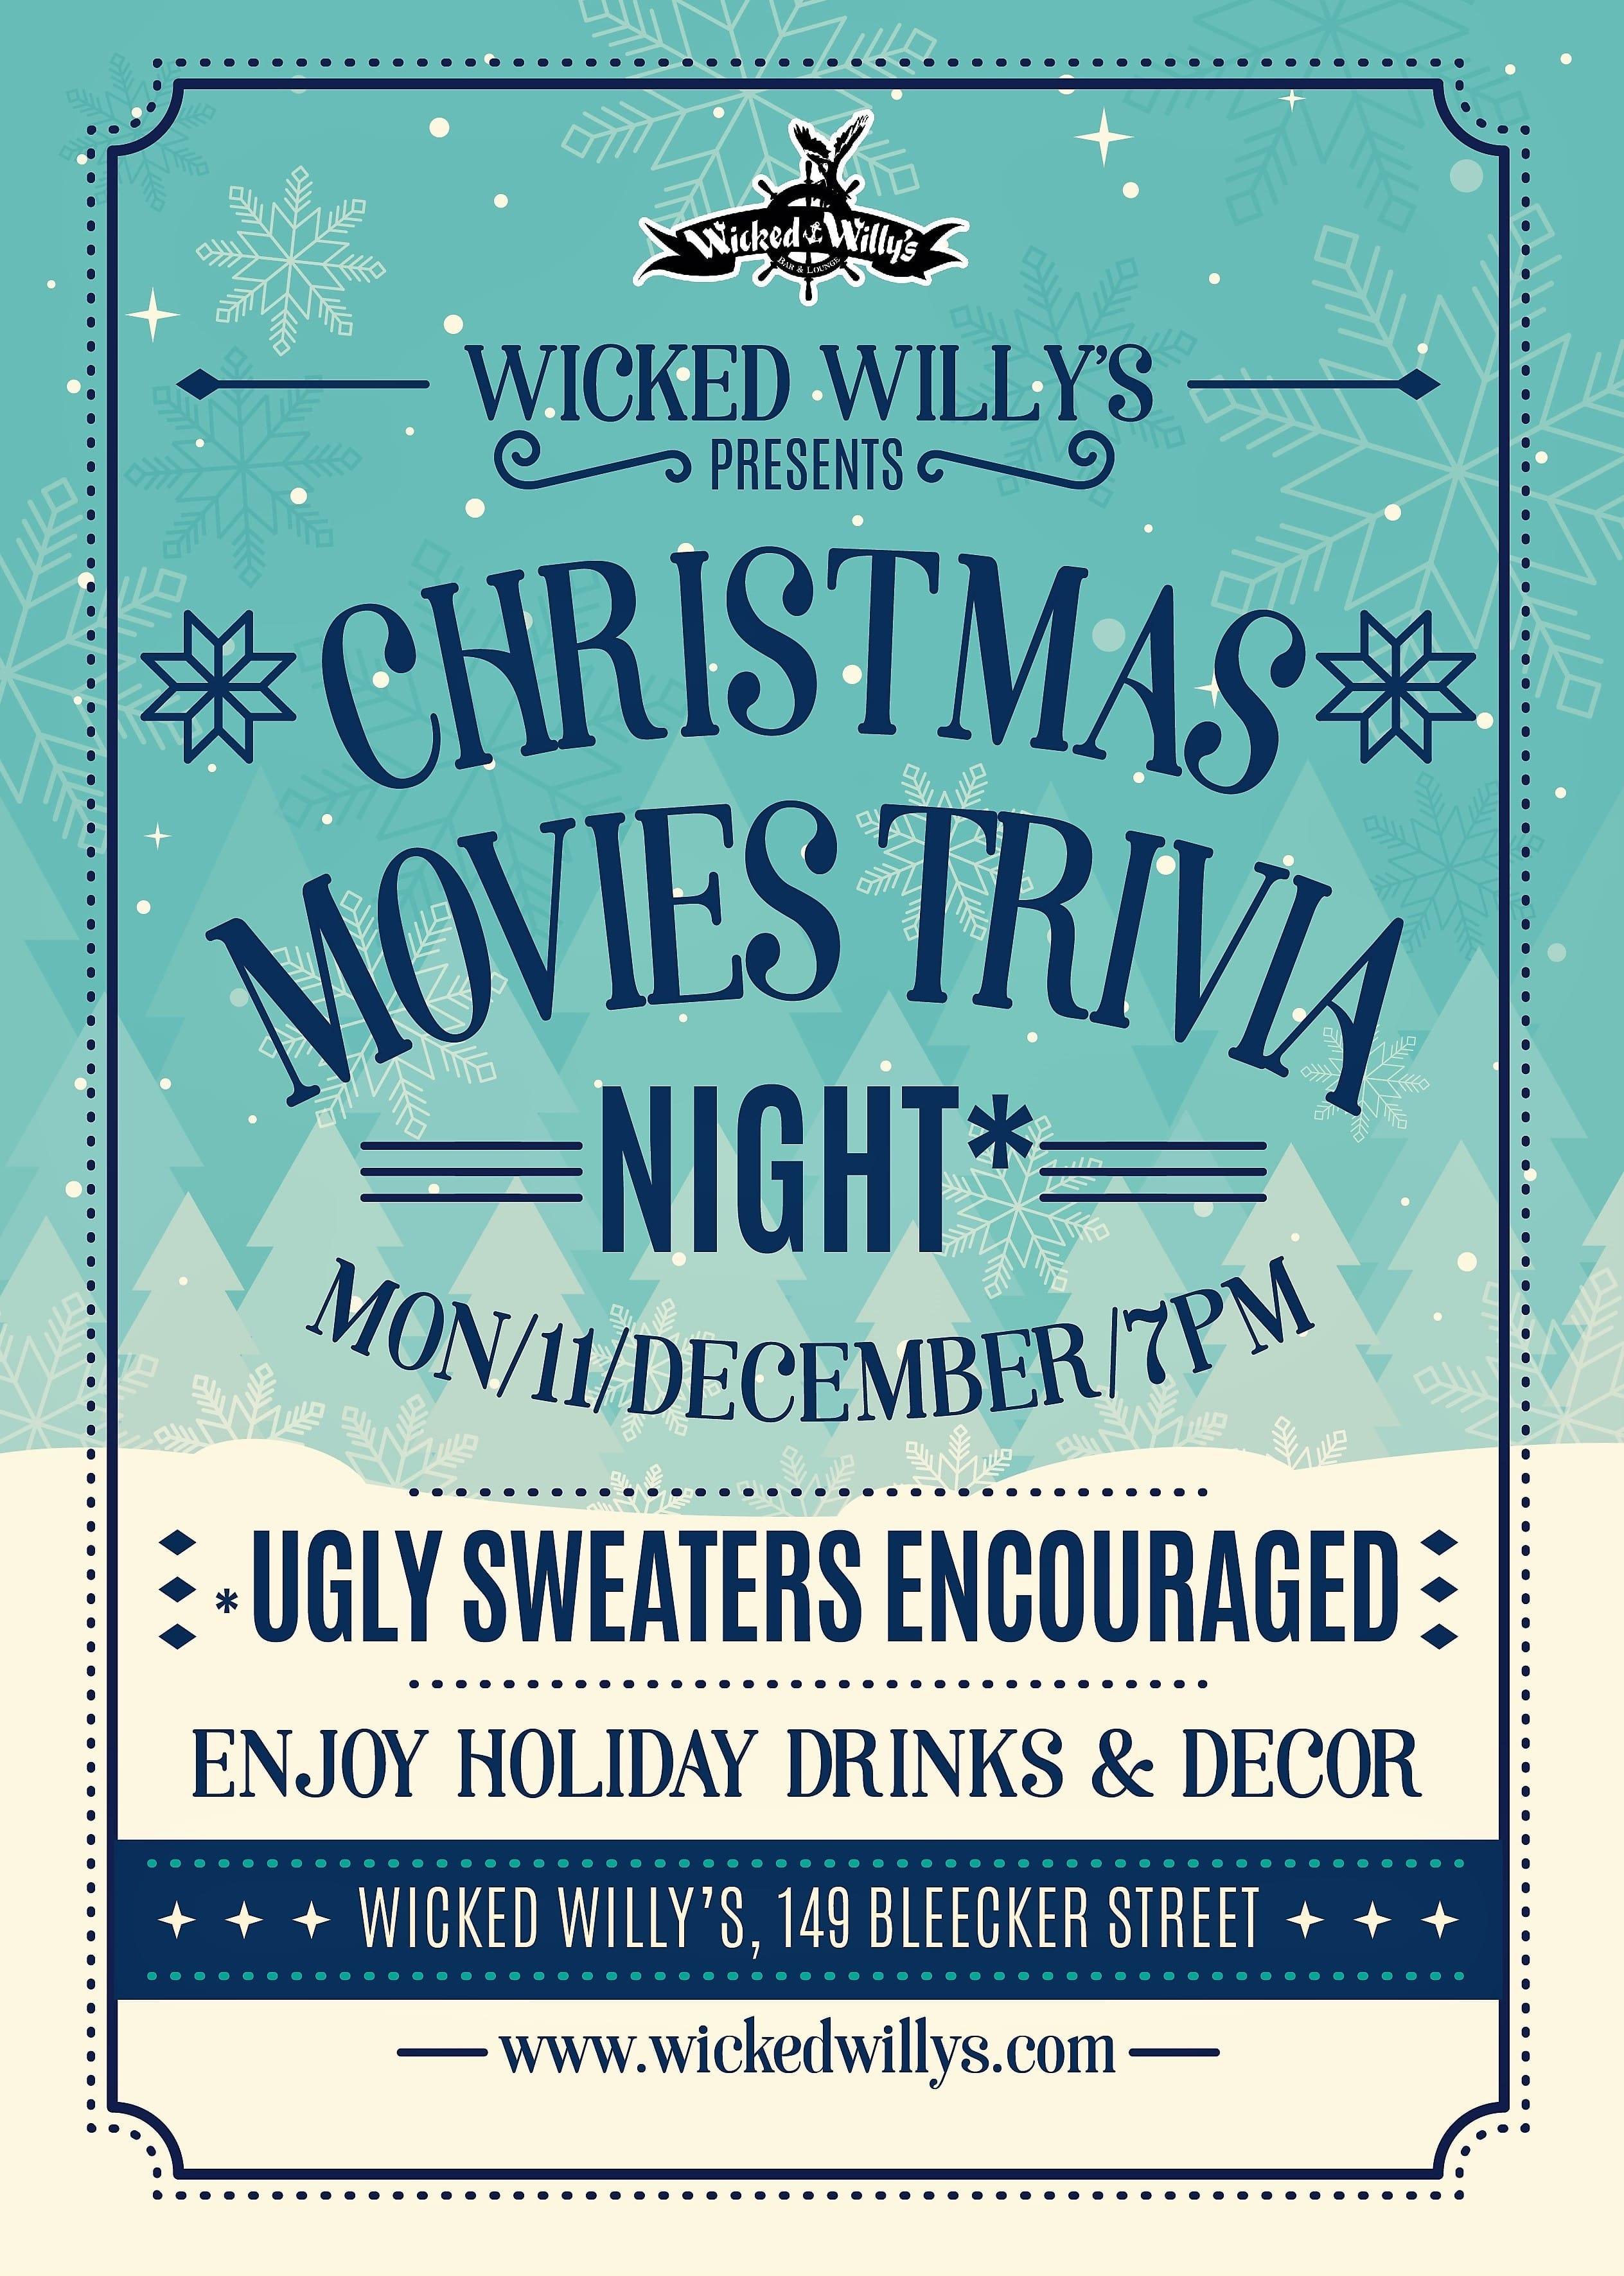 Christmas Movies Trivia Night Poster